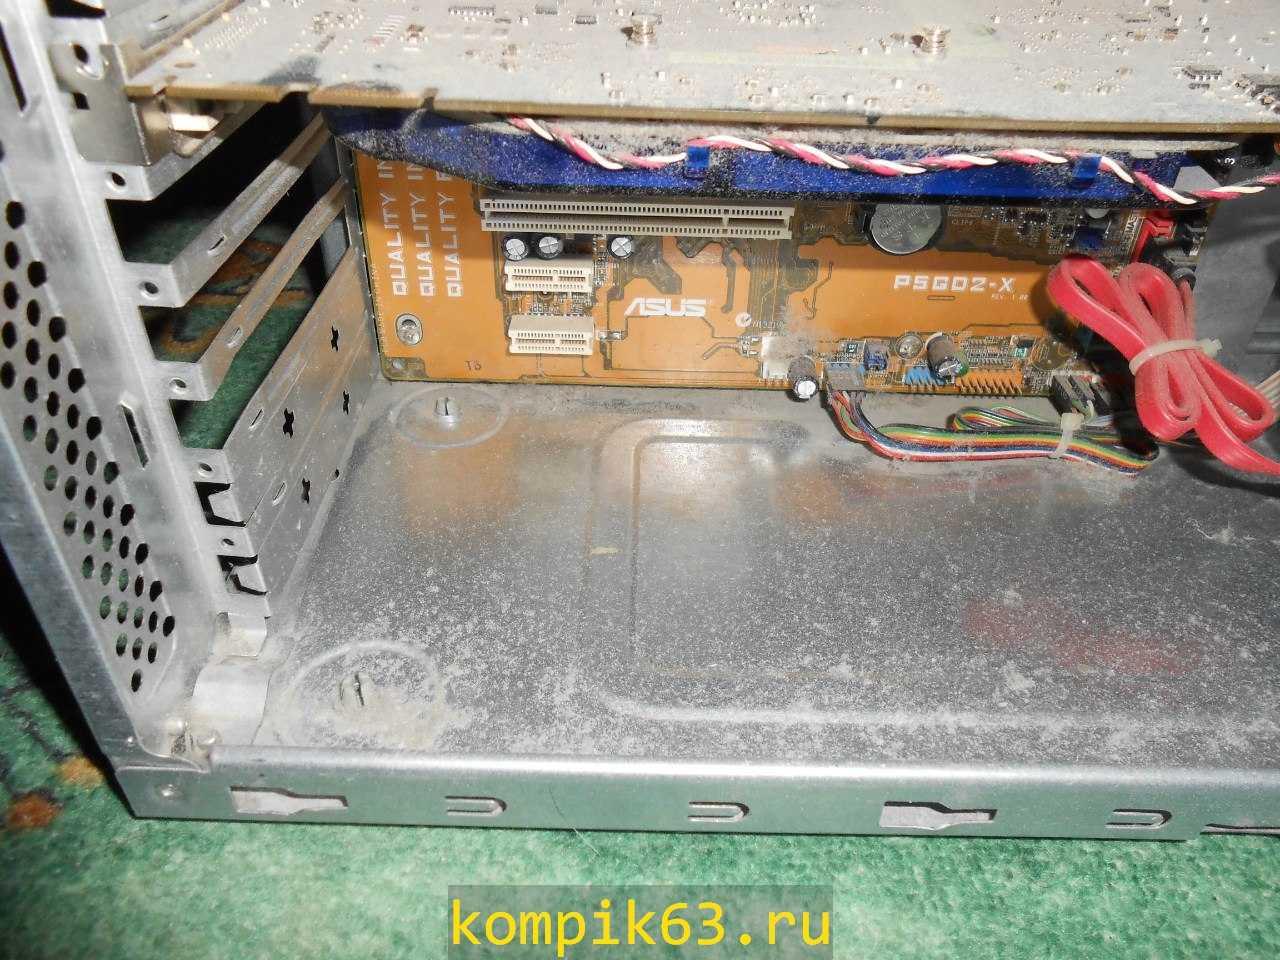 kompik63.ru-048